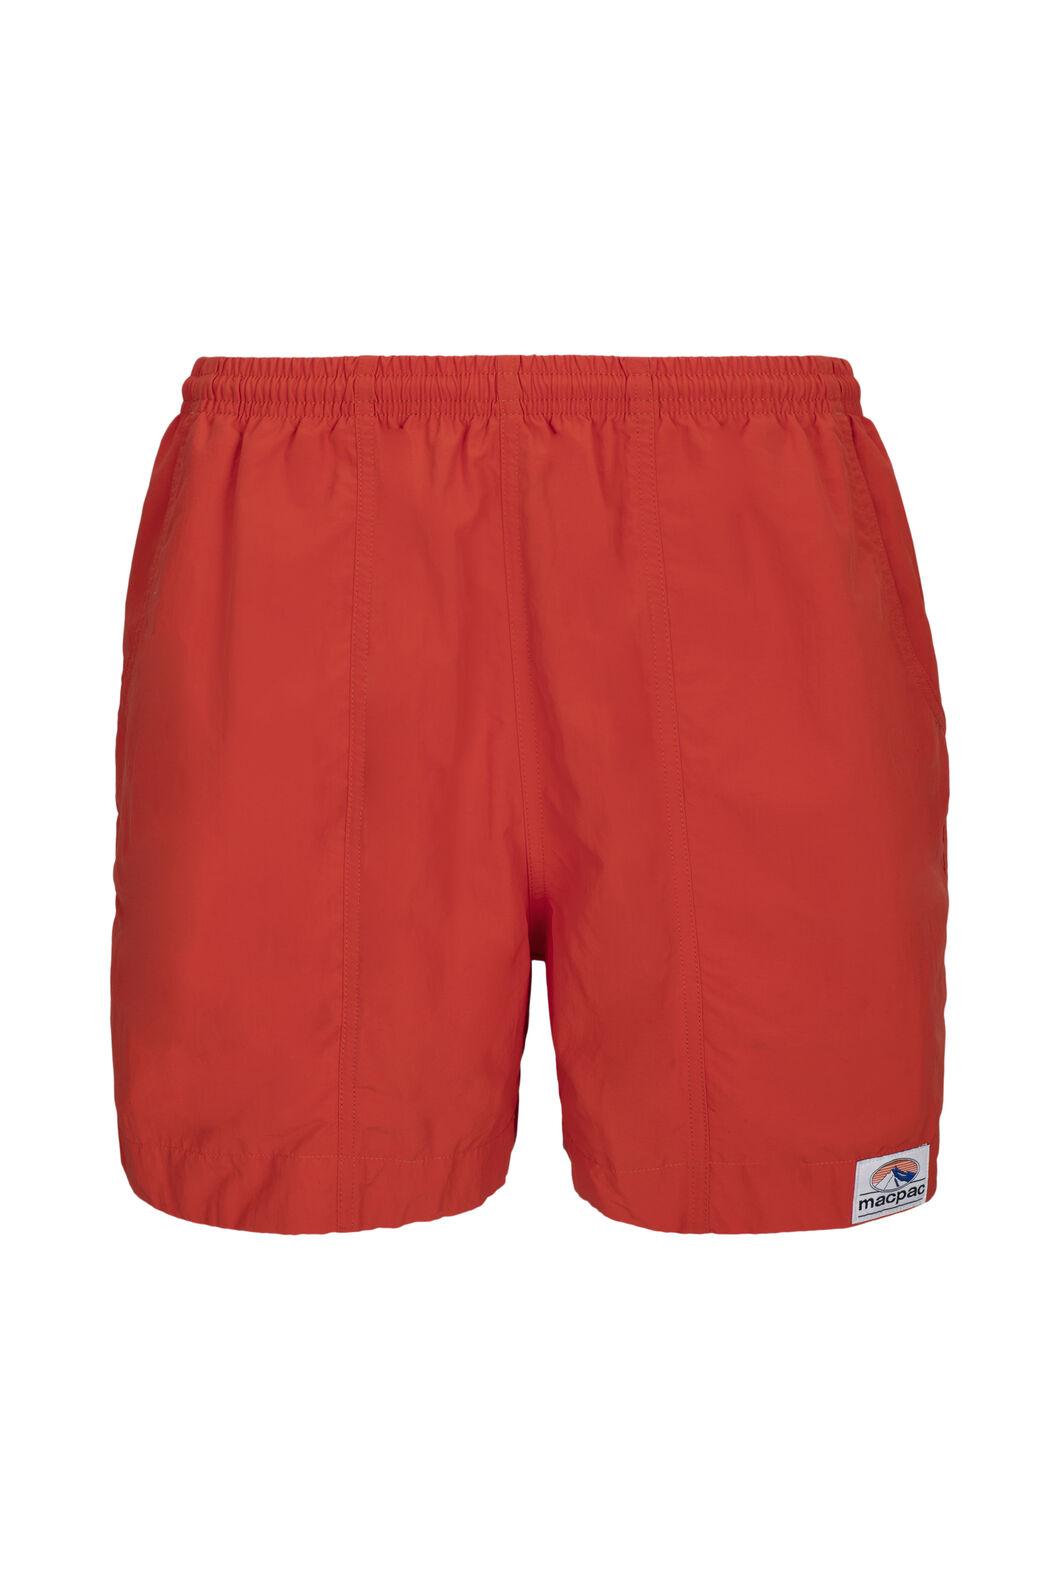 Macpac Winger Shorts — Men's, Pureed Pumpkin, hi-res